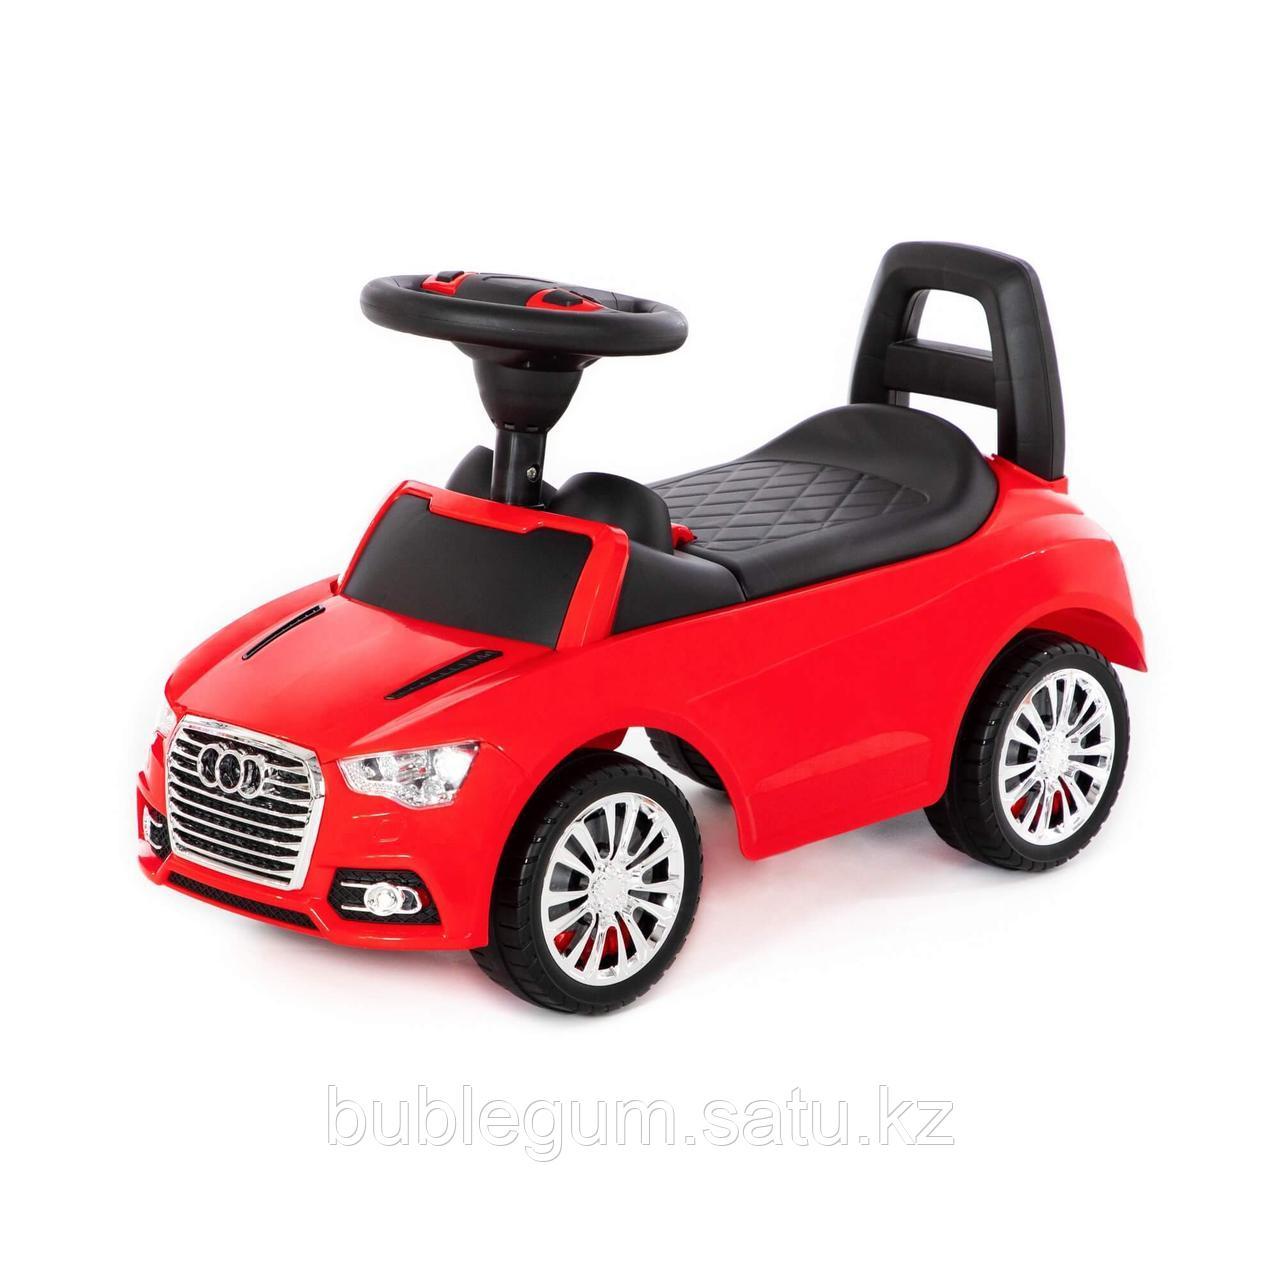 """Каталка-автомобиль """"SuperCar"""" №2 со звуковым сигналом (красная)"""